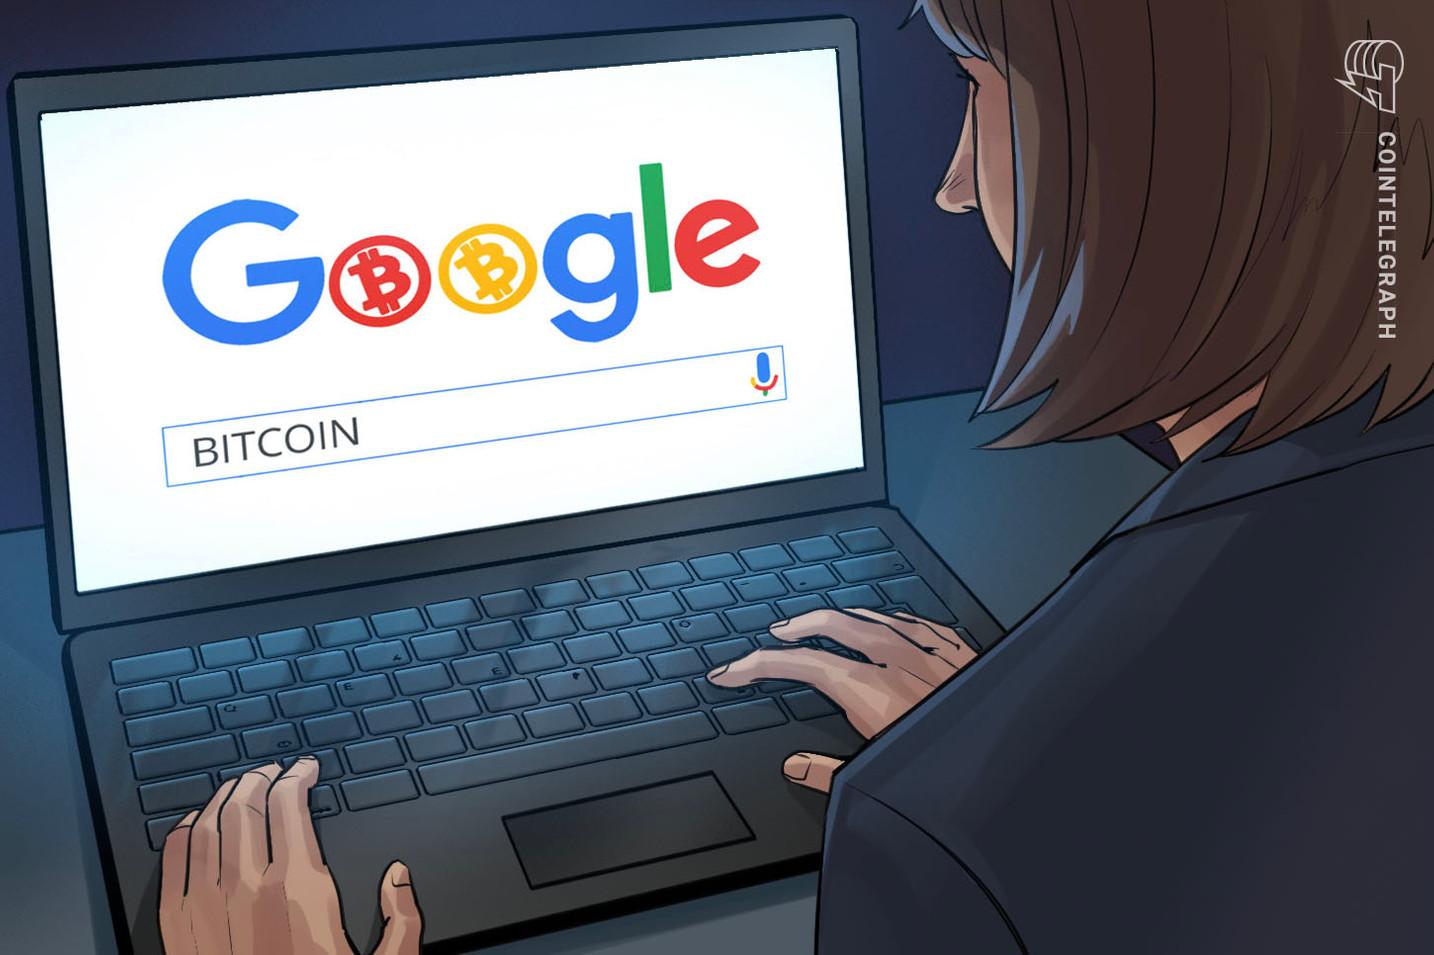 """Google Trends muestra que las búsquedas del término """"Bitcoin"""" alcanzaron un máximo anual cuando el precio llegó a 19,400 dólares"""